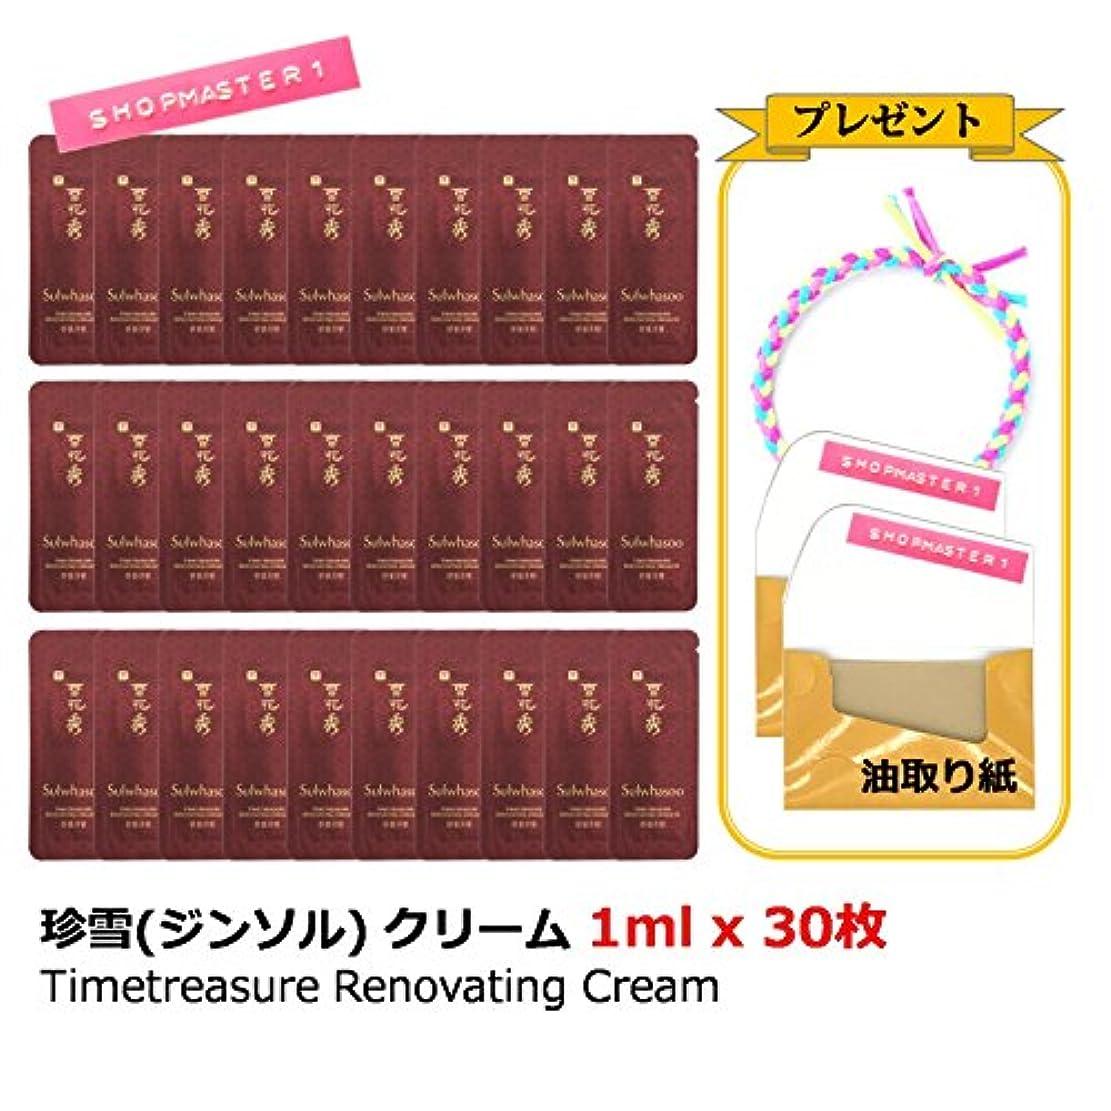 ご近所オーバーコート格差【Sulwhasoo ソルファス】珍雪(ジンソル) クリーム 1ml x 30枚 Timetreasure Renovating Cream/プレゼント 油取り紙 2個(30枚ずつ)、ヘアタイ/海外直配送